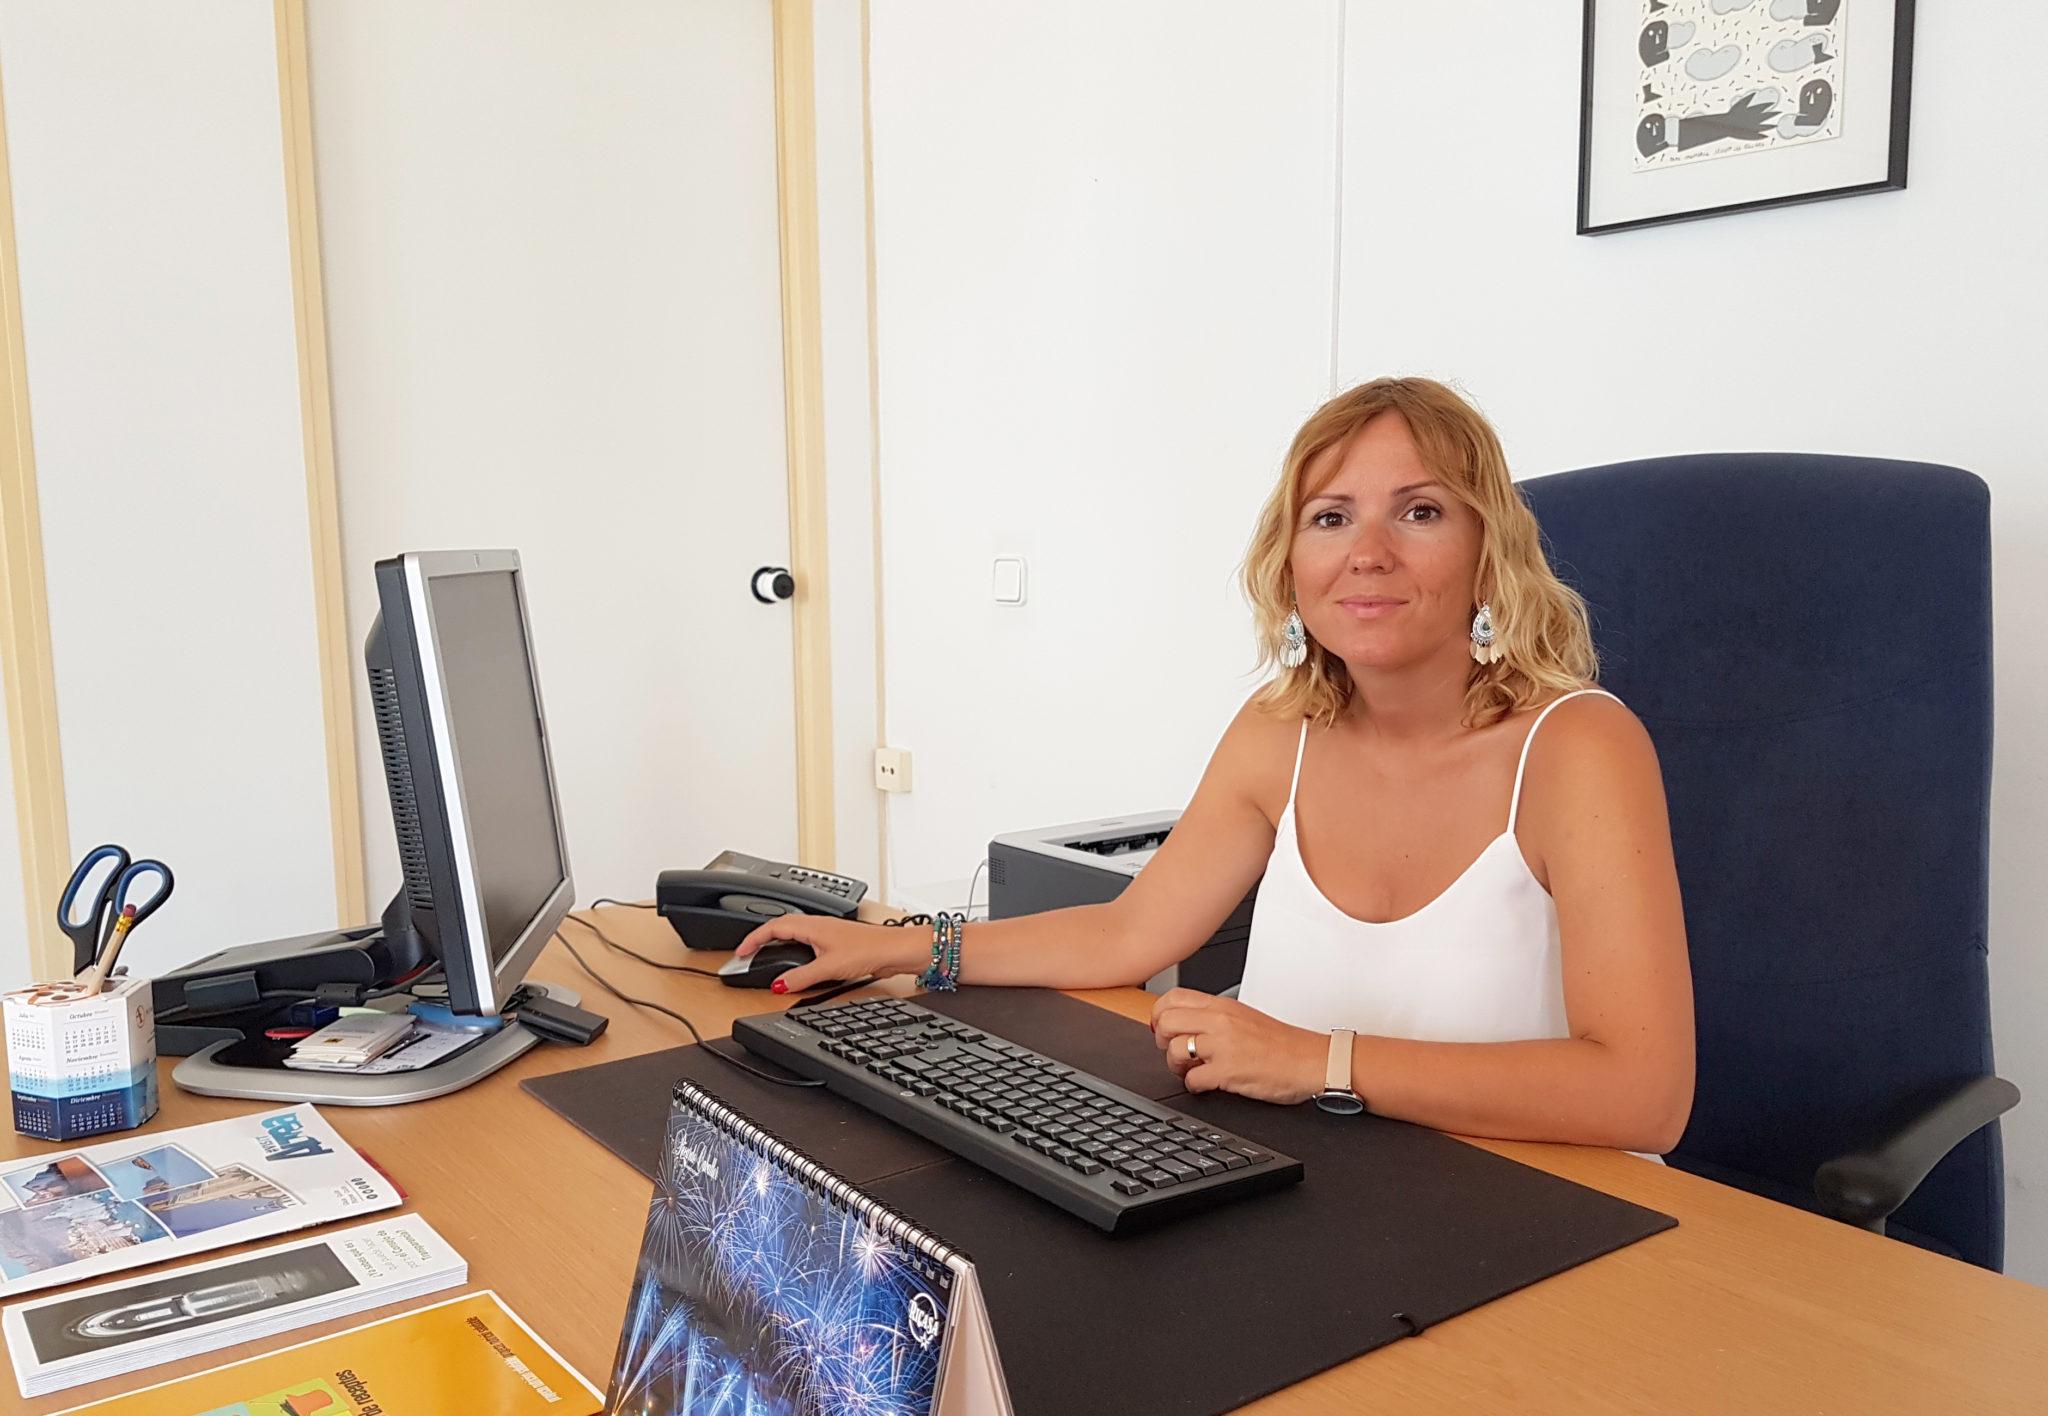 L'Ajuntament d'Altea opta al Pla Extraordinari d'Ocupació COVID-19 dirigit a persones en situació d'atur